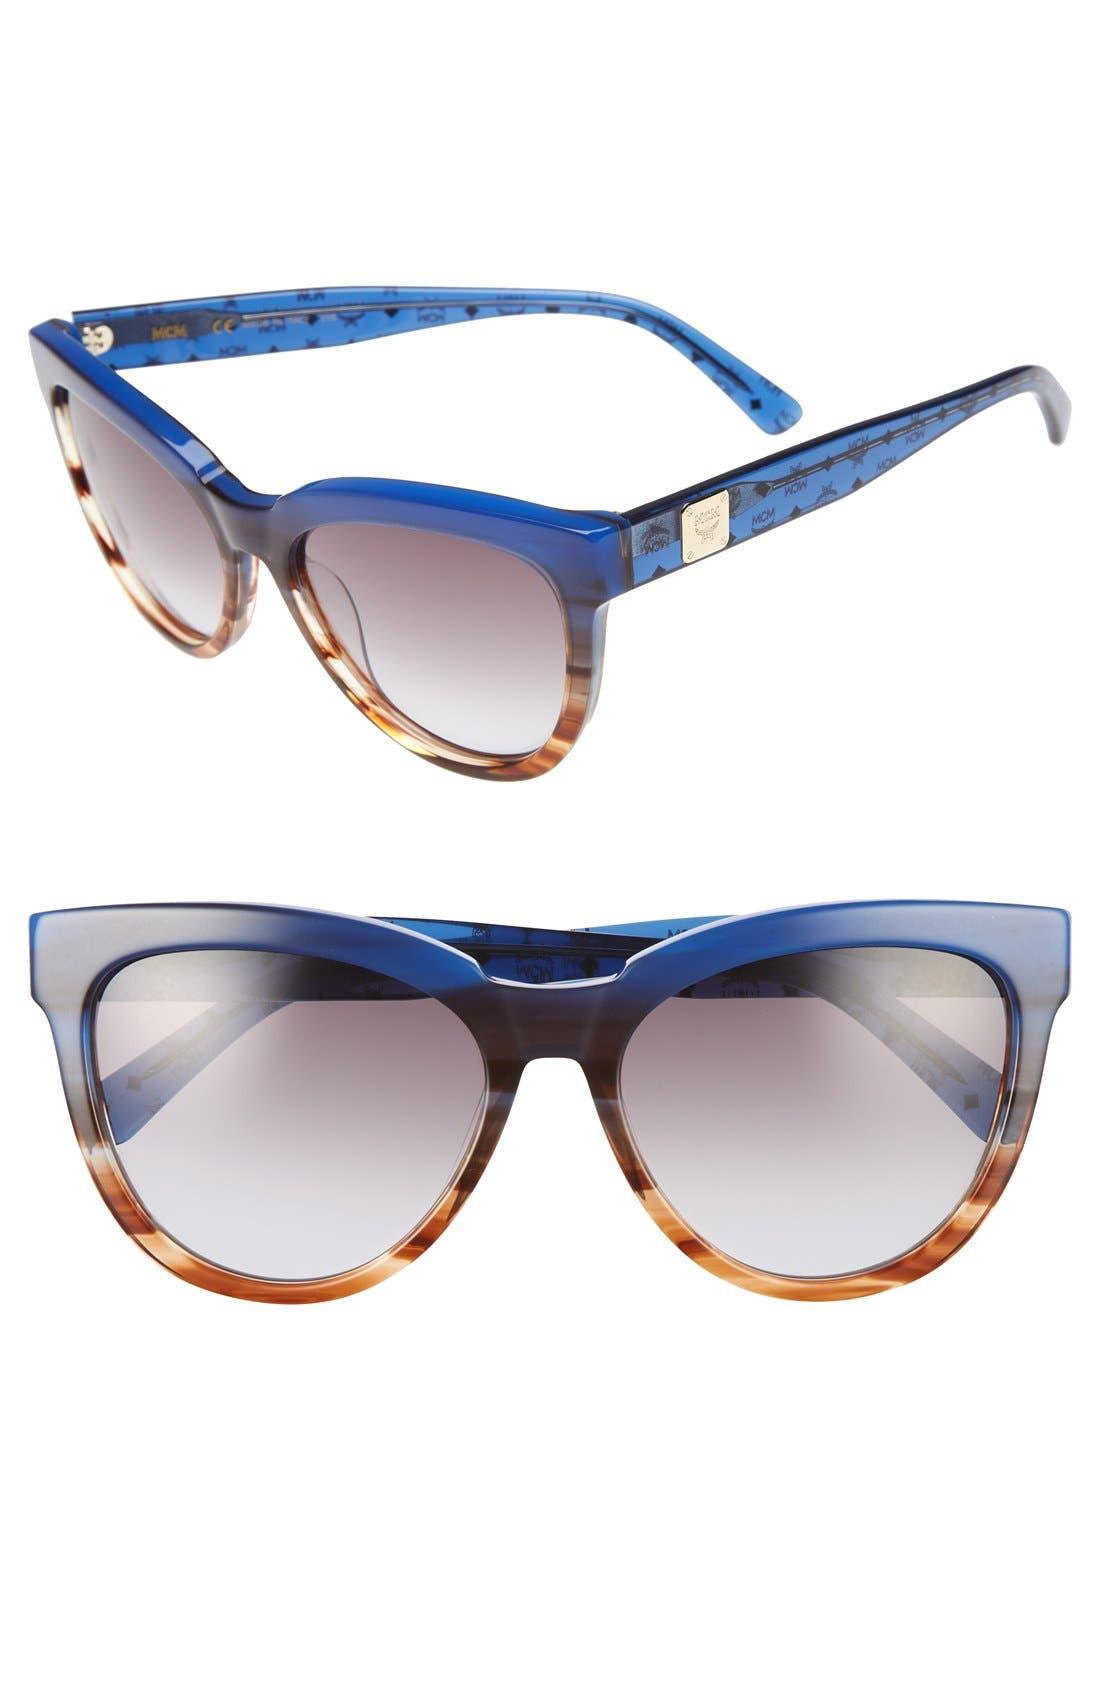 Main Image - MCM 56mm Retro Sunglasses